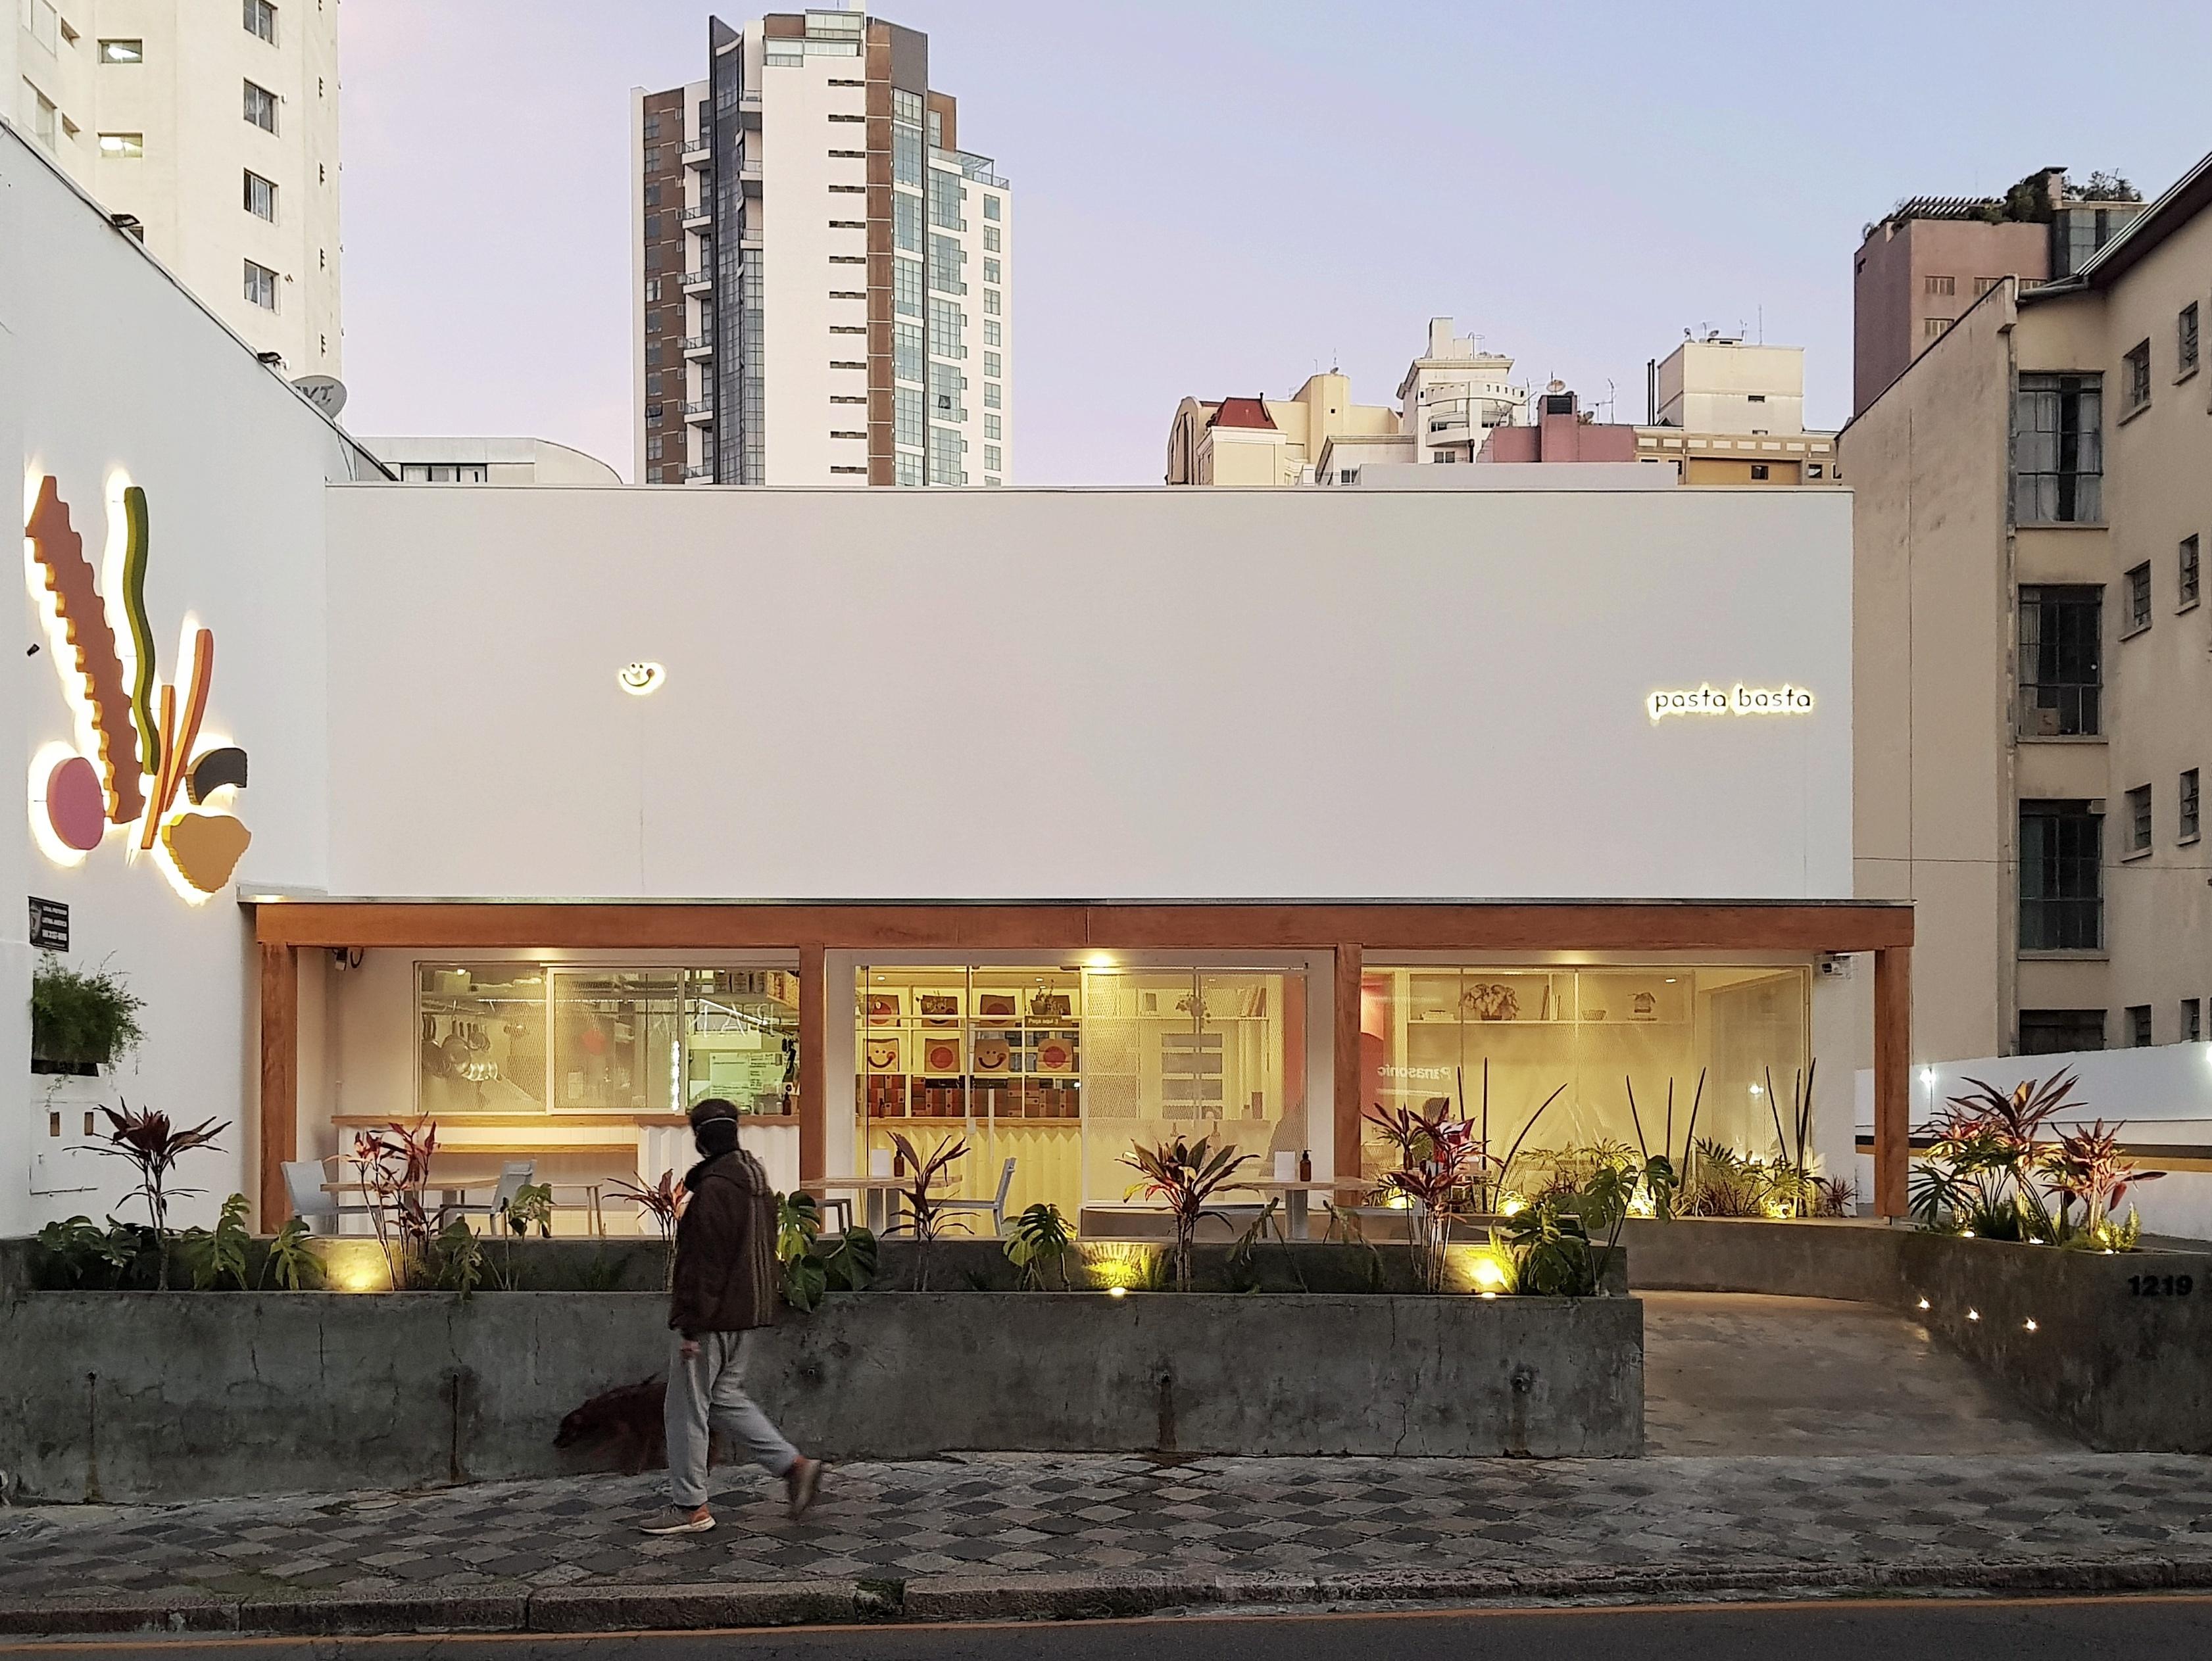 A fachada da Pasta Basta, no centro de Curitiba.